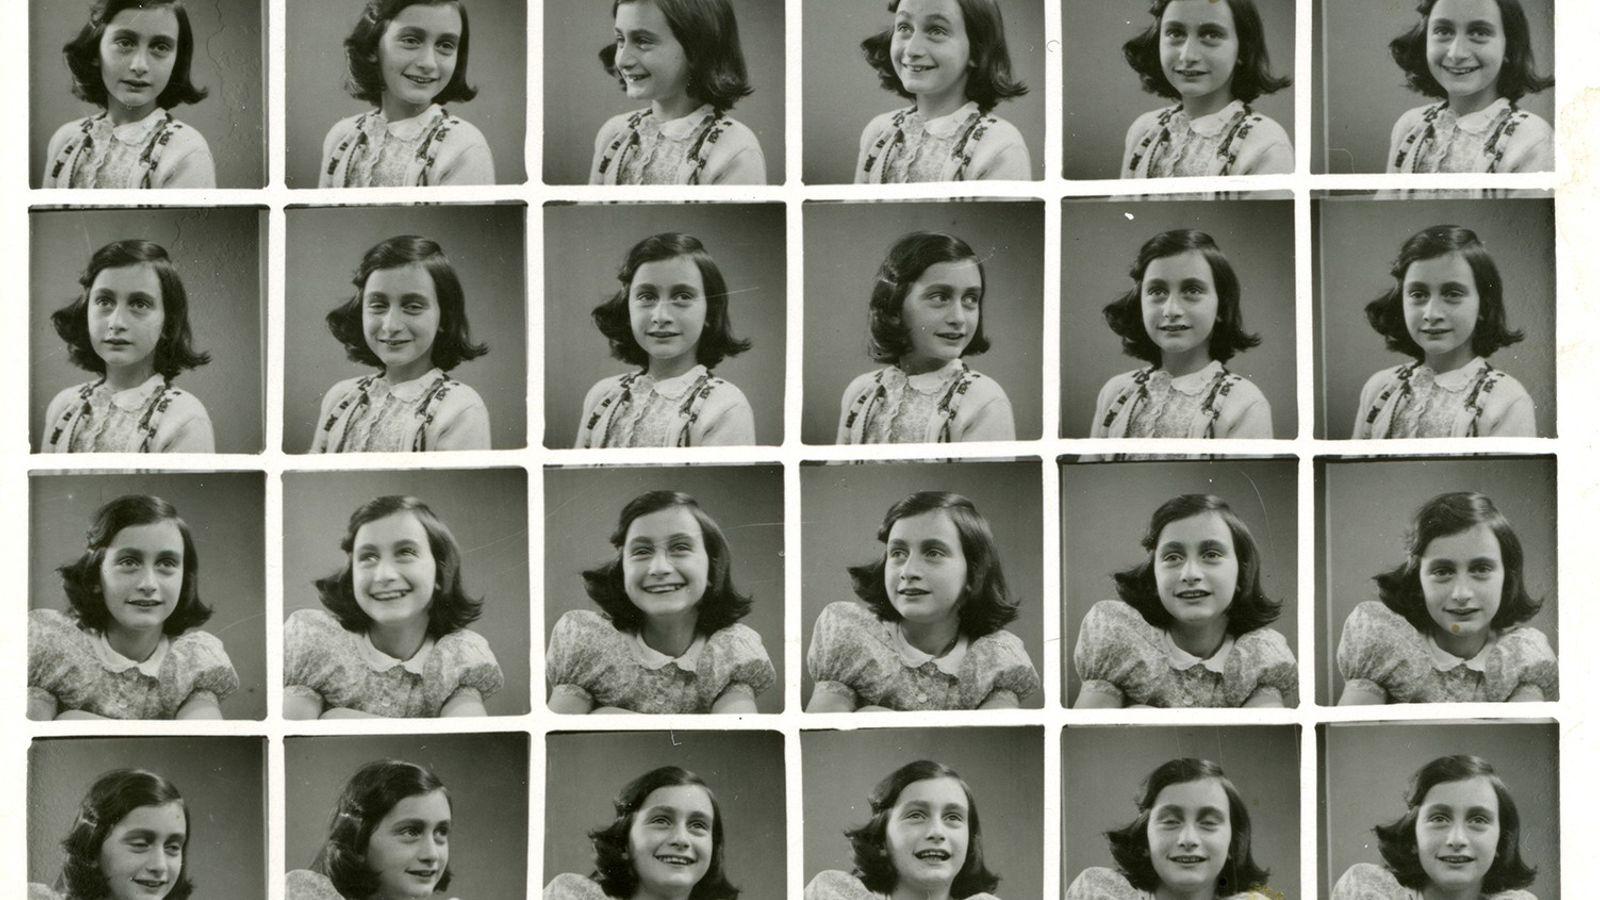 Ces photographies d'Anne Frank datent de 1939, peu de temps avant qu'elle et sa famille ne ...